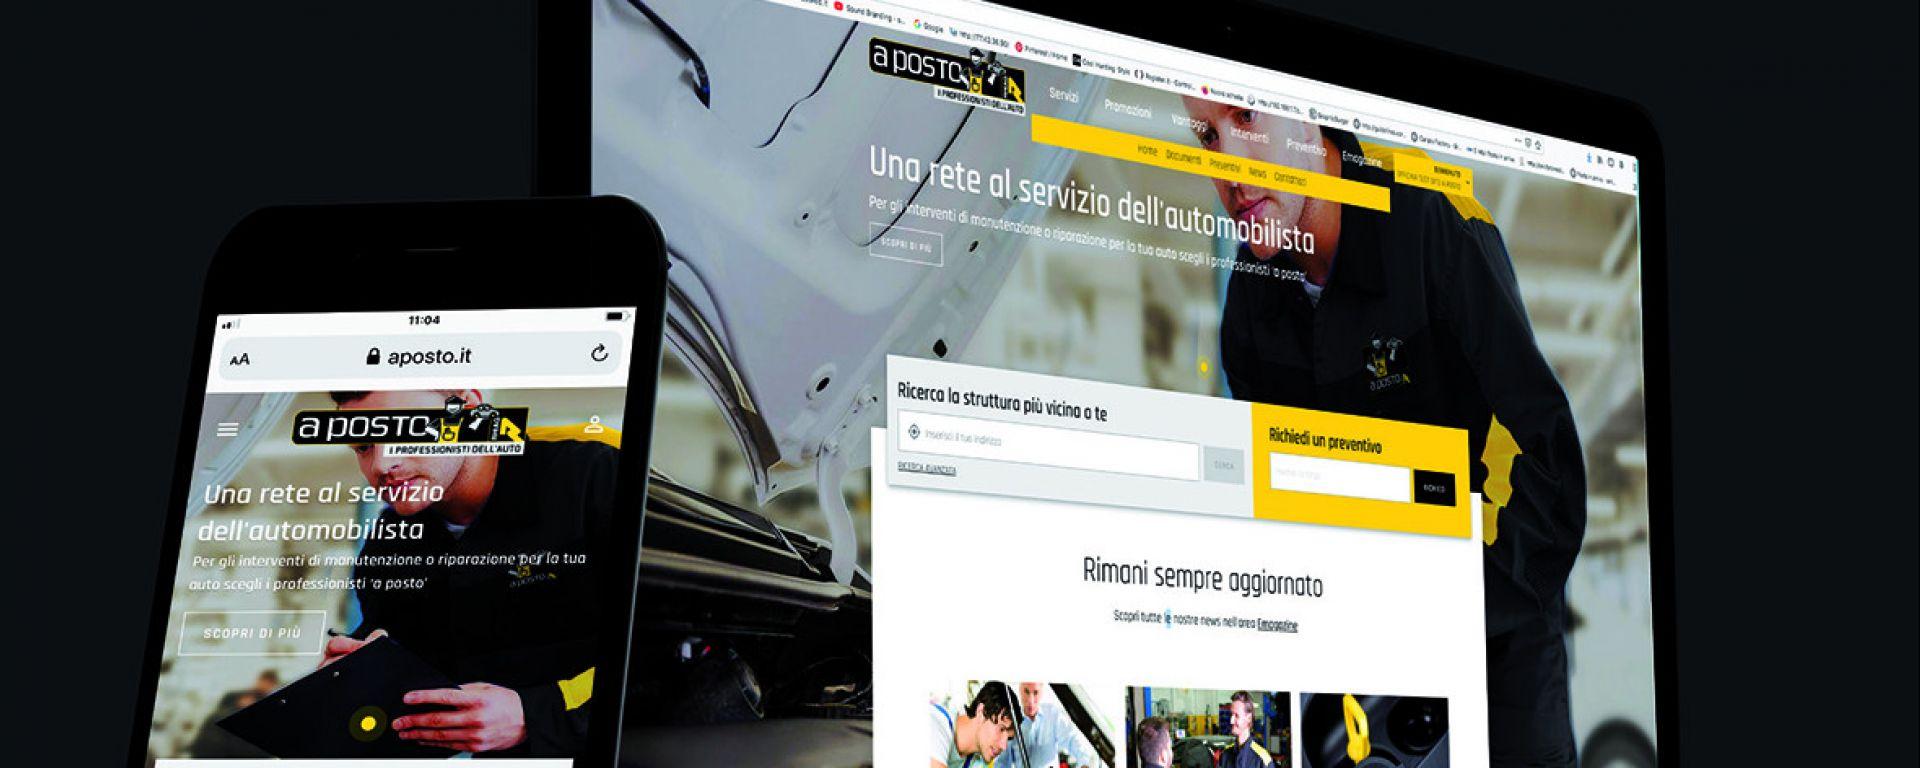 Nuovi siti per la rete Rhiag: disponibili per computer e mobile